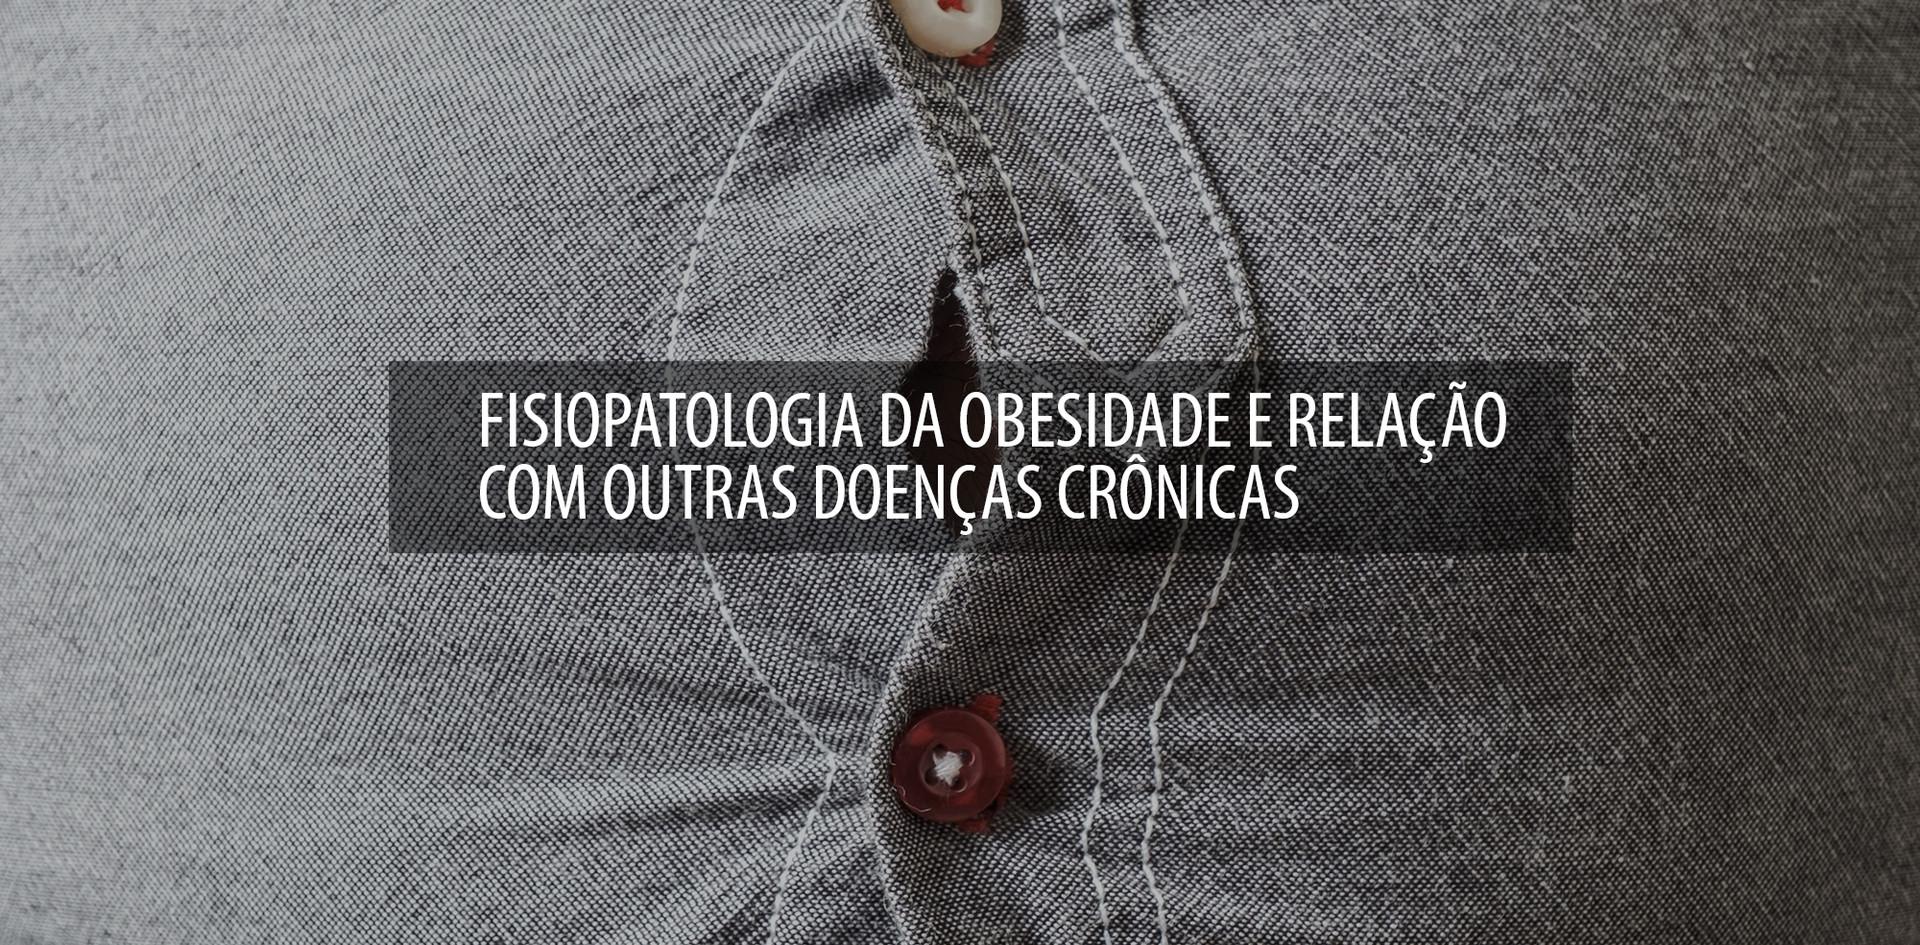 FISIOPATOLOGIA_DA_OBESIDADE_E_RELAÇÃO_